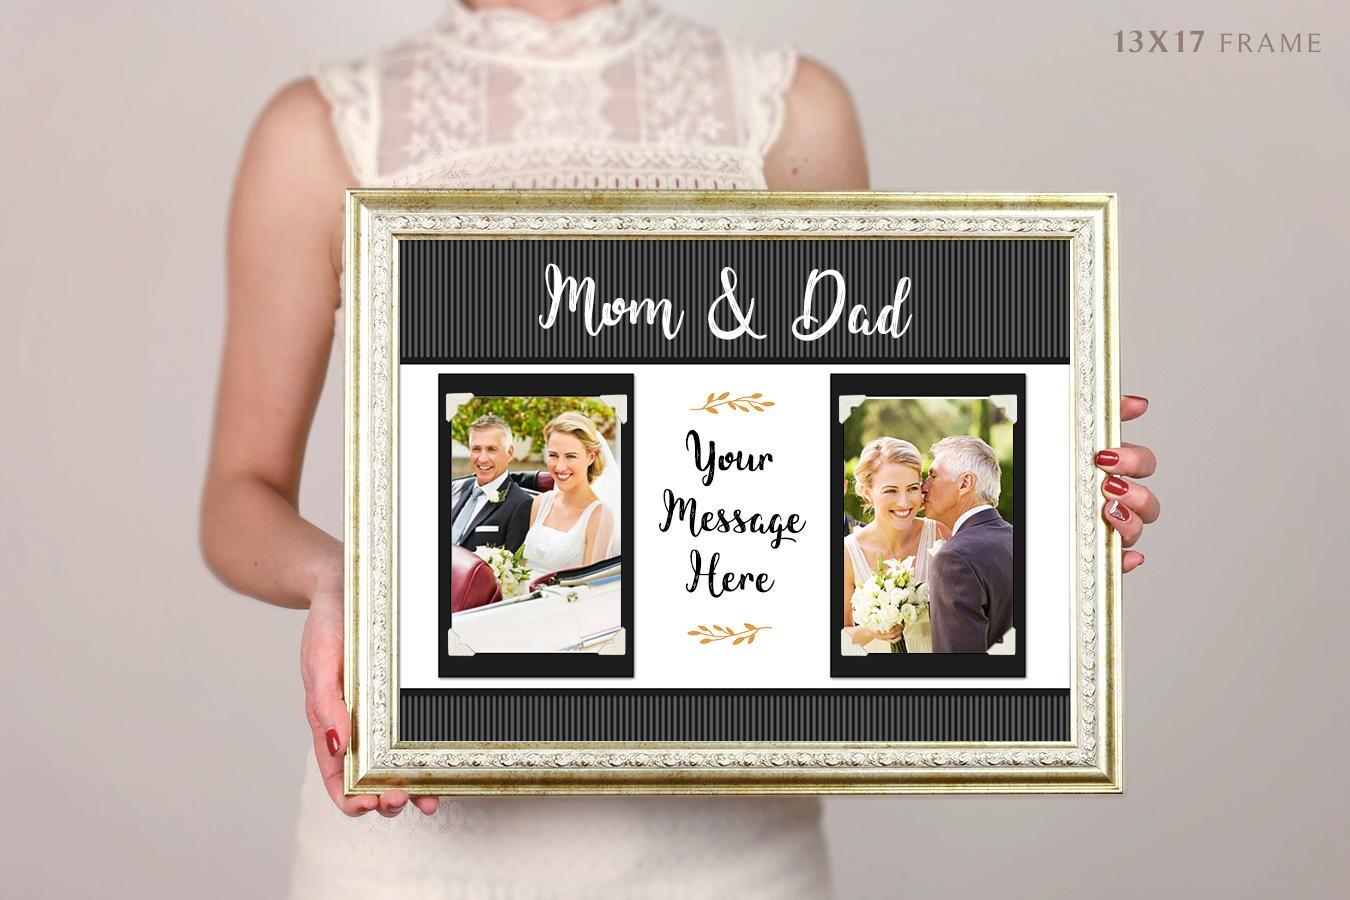 Übergeordnete Hochzeitsgeschenk personalisierte Bilderrahmen | Etsy